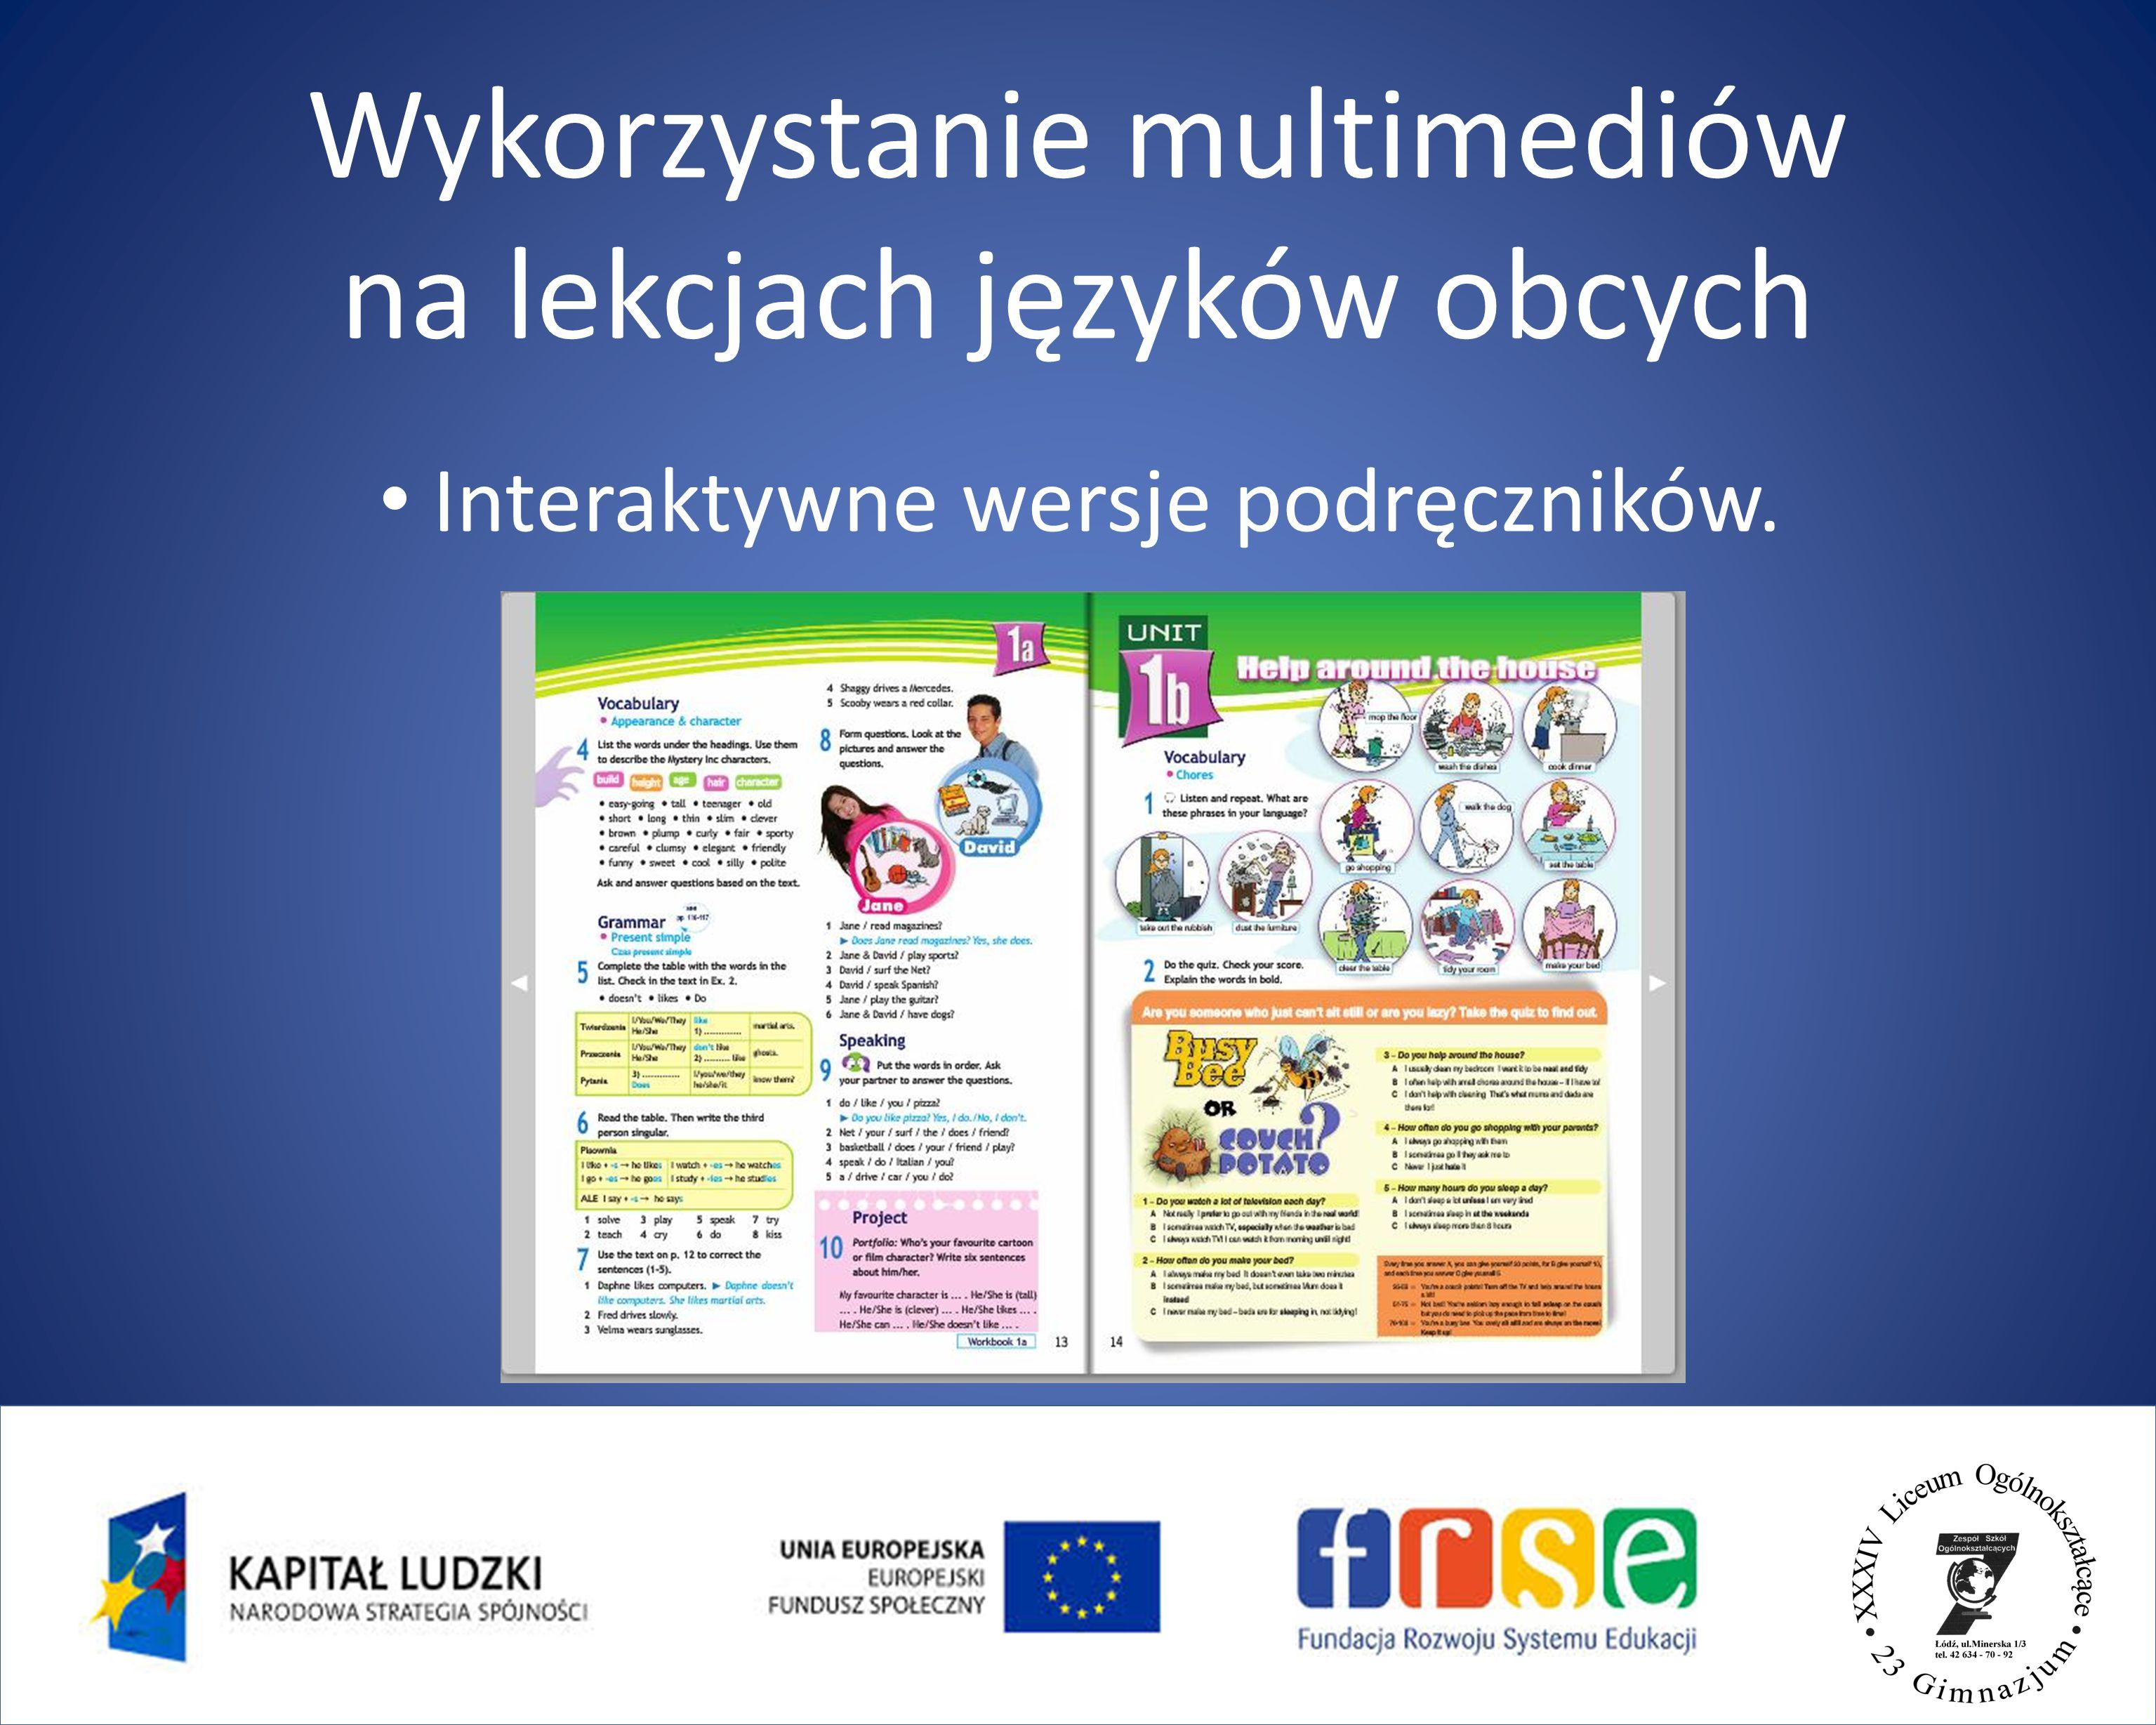 Wykorzystanie multimediów na lekcjach języków obcych Dodatkowe materiały interaktywne do podręczników.